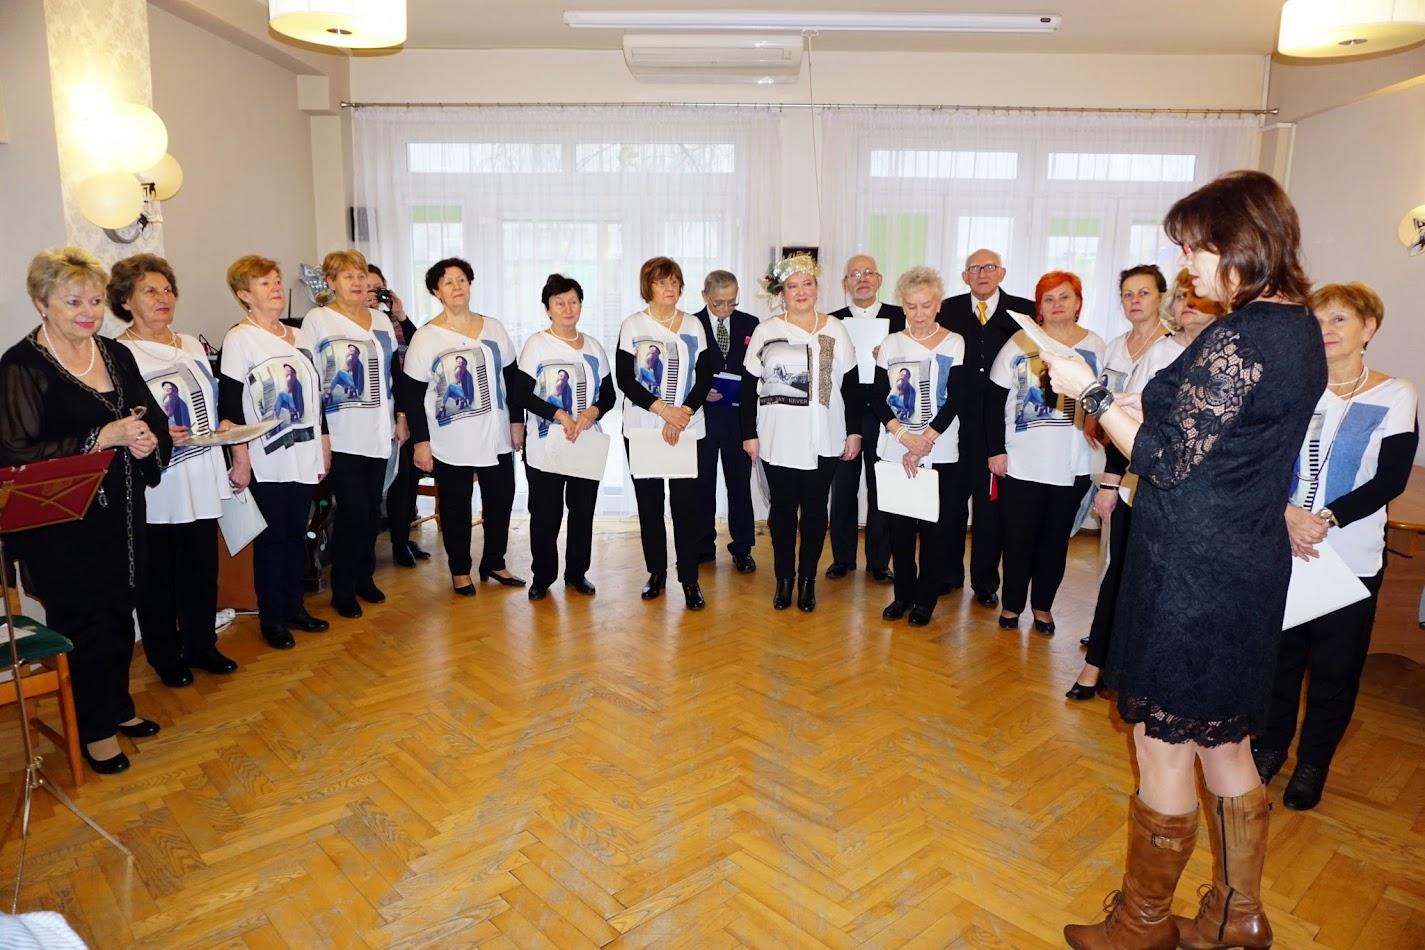 Śpiewnik ZUTW z piosenkami zimowymi w Domu Senior-Wigor.